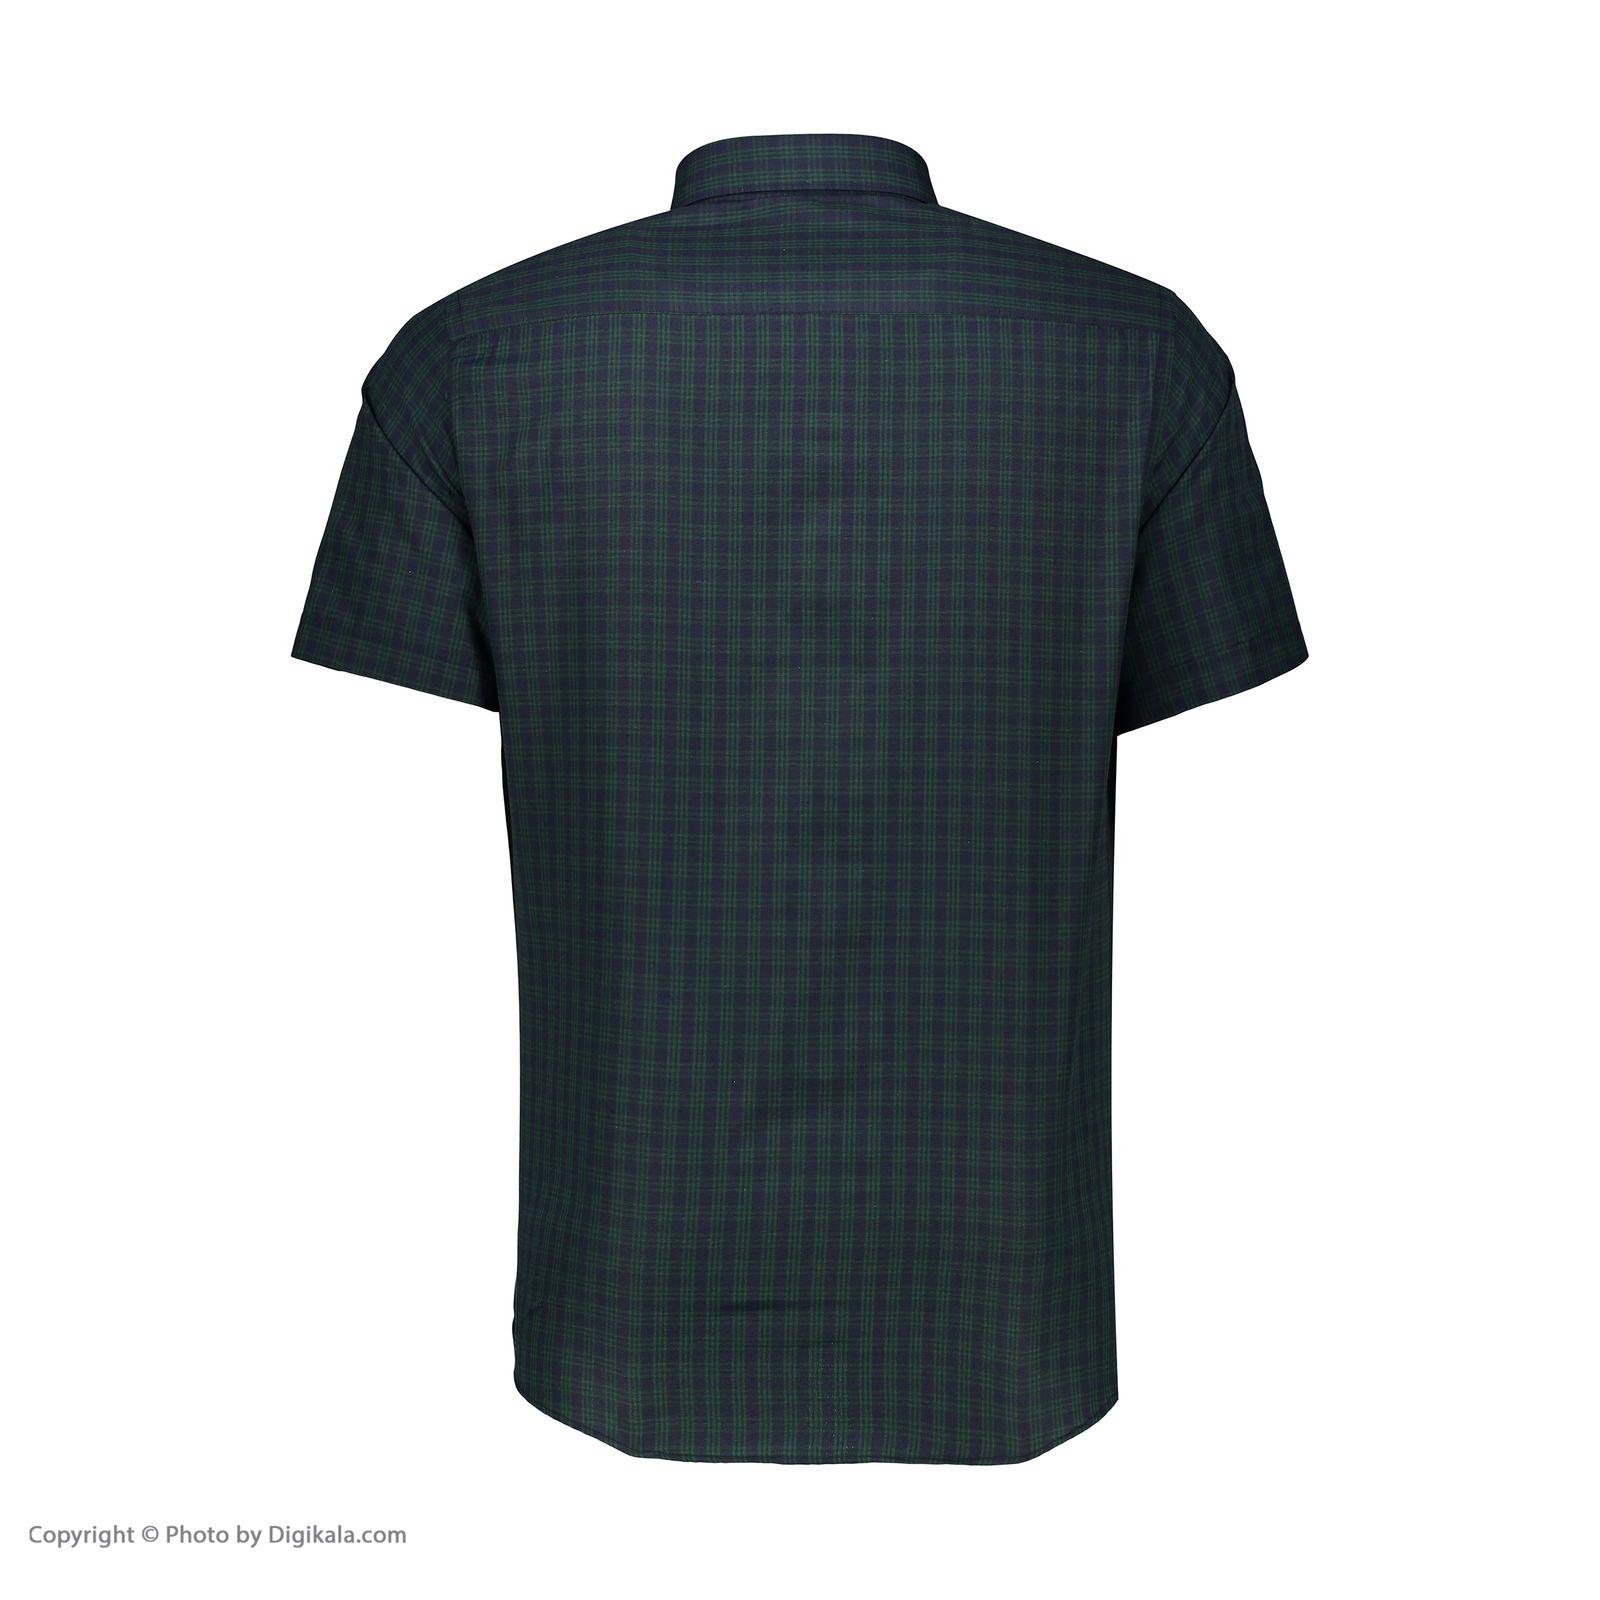 پیراهن مردانه زی مدل 15312304359 -  - 5